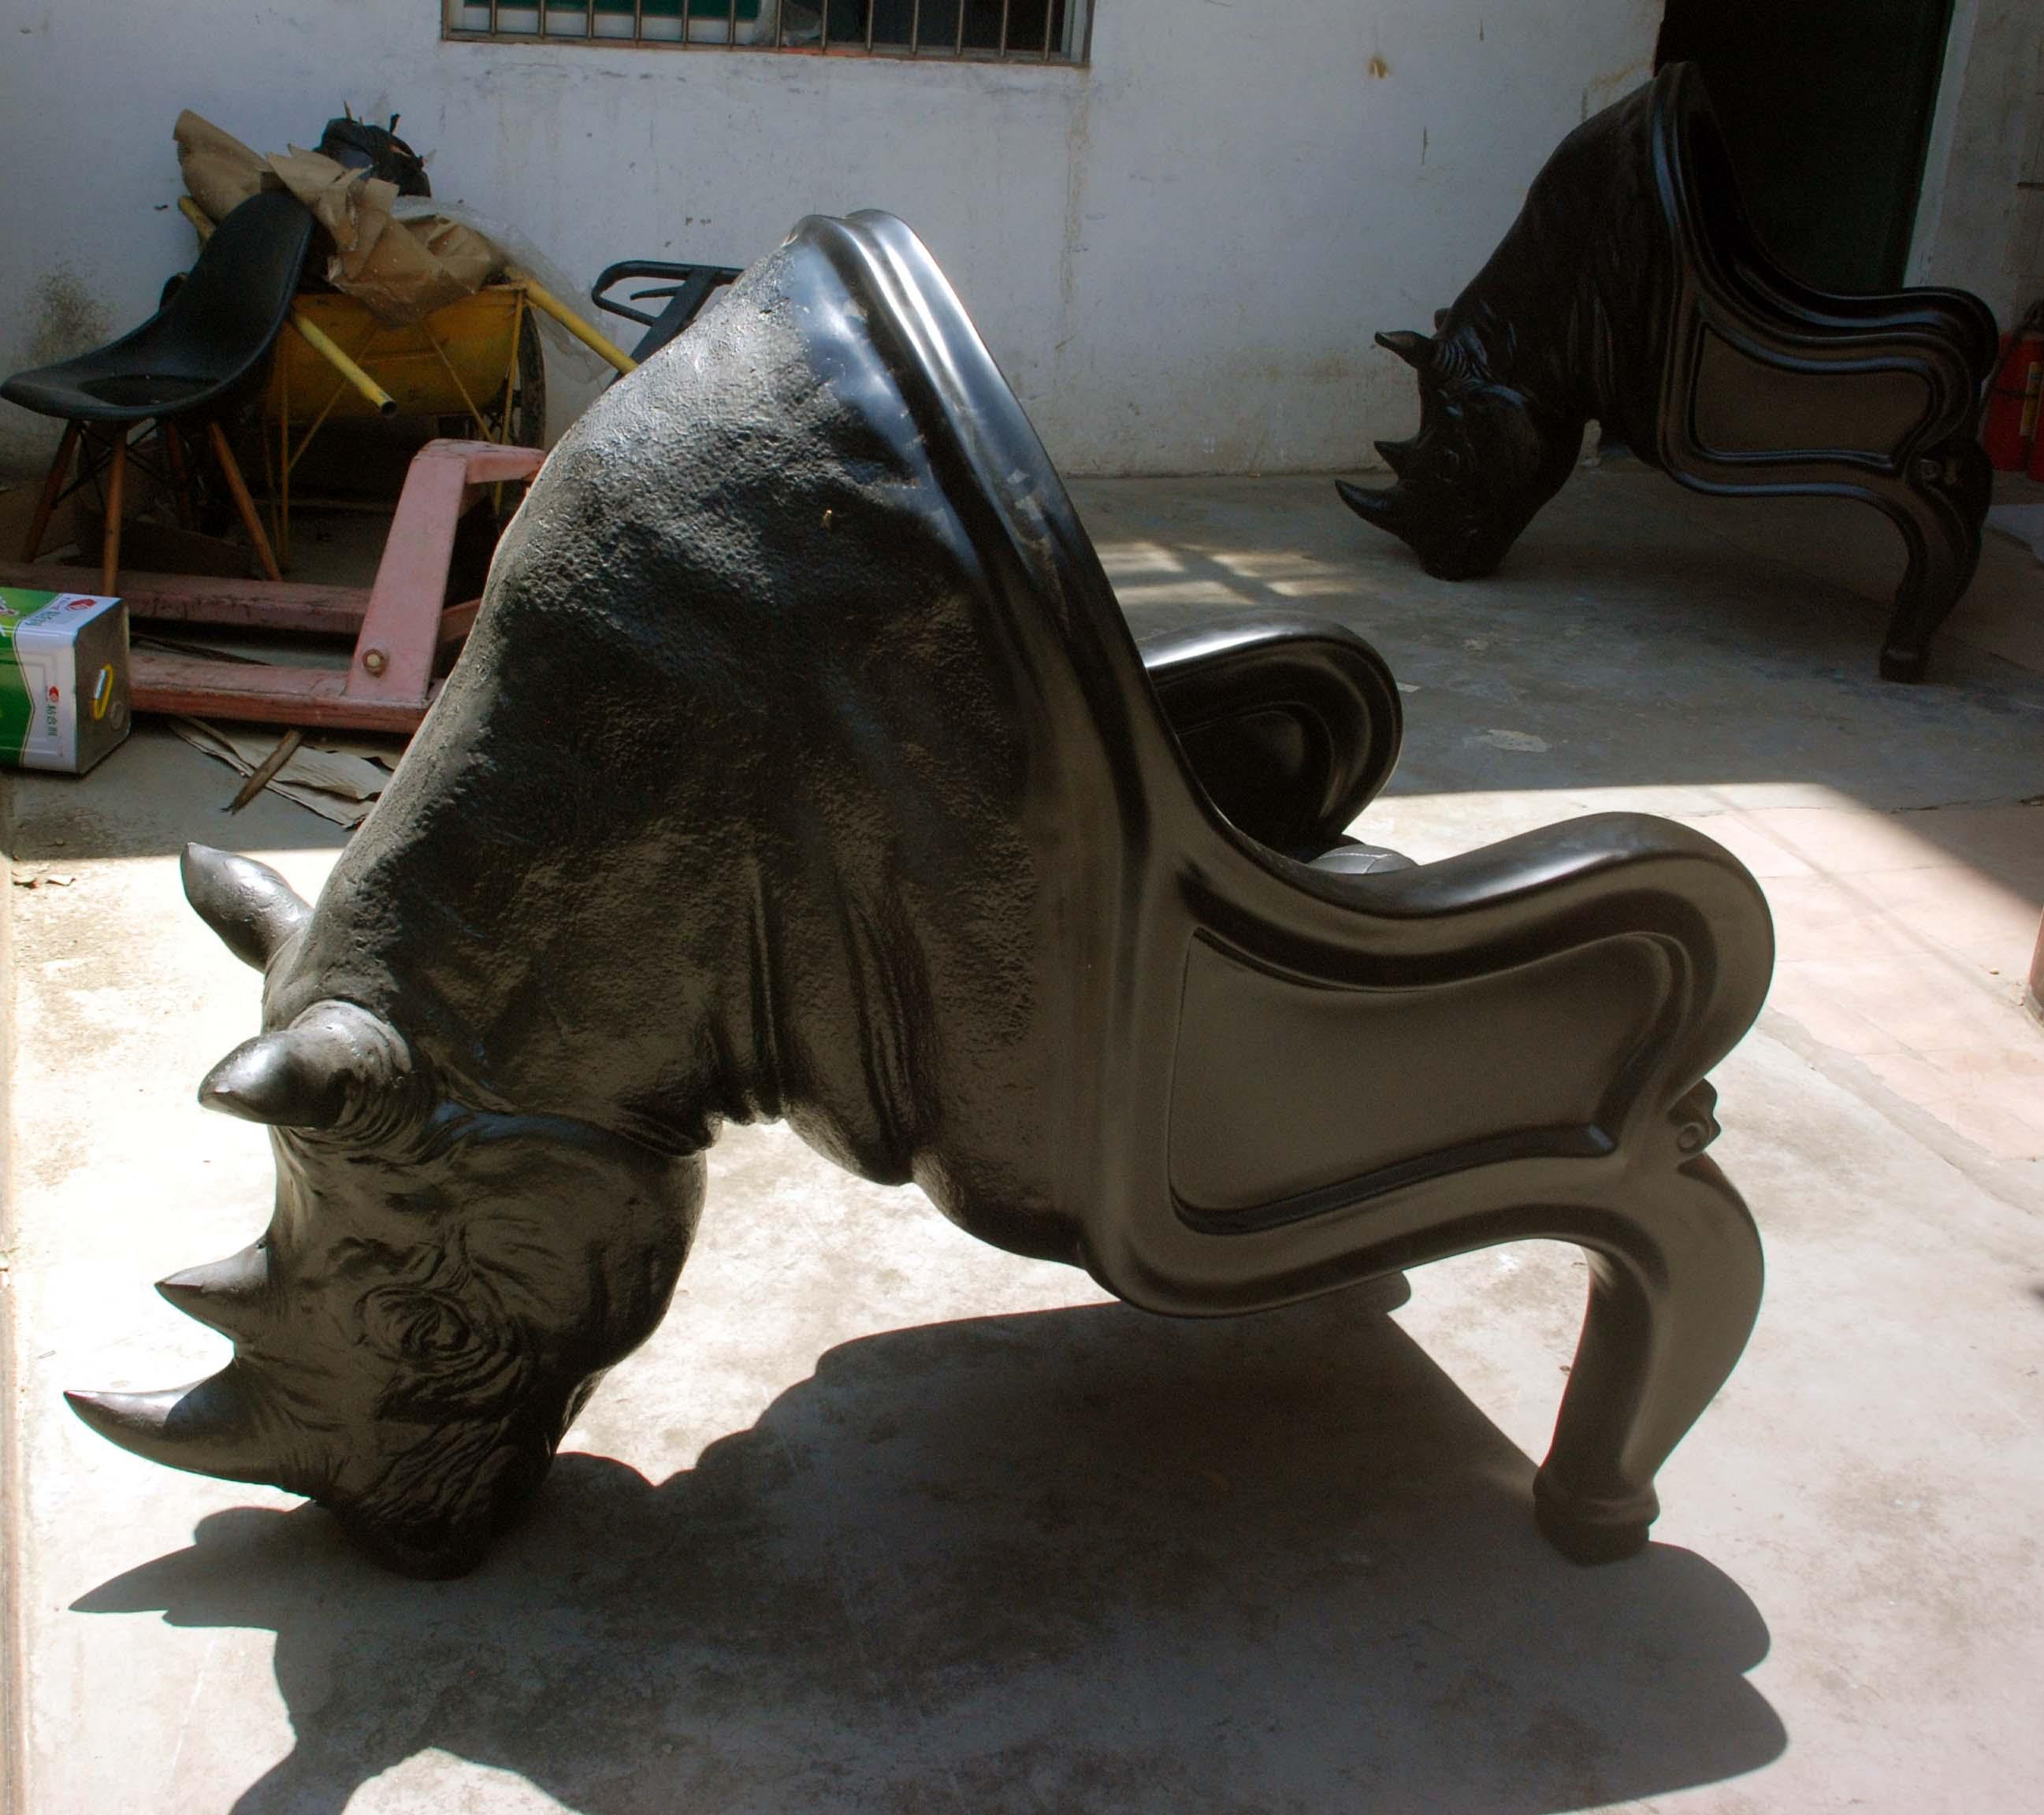 犀牛椅Maximo Riera Rhino Chair 动物座椅 霸气牛头椅 犀牛雕塑